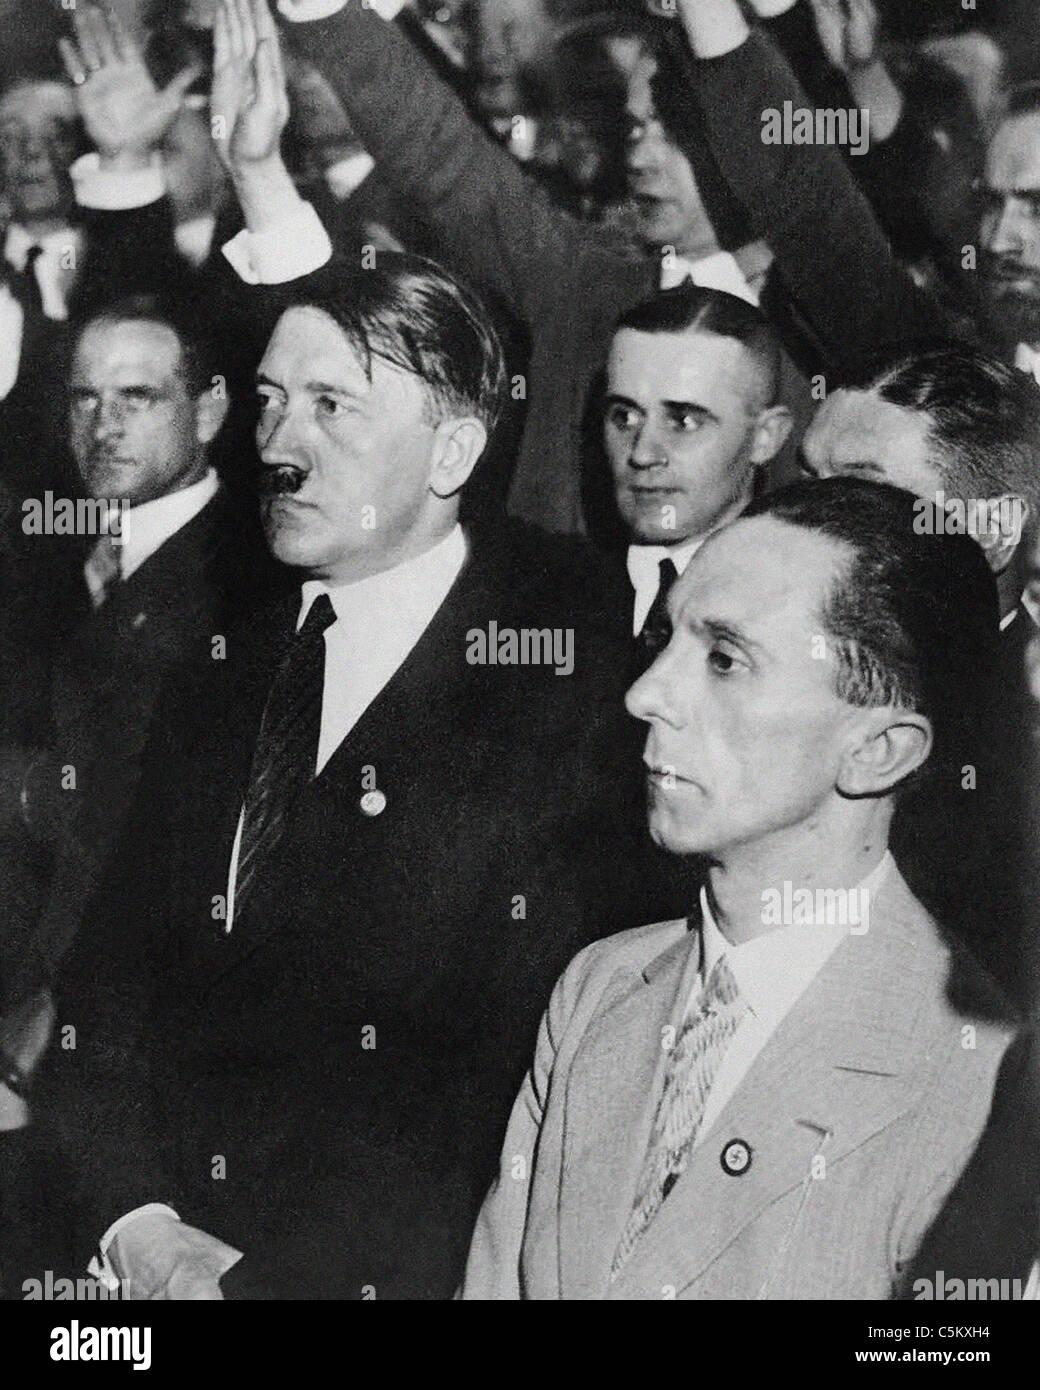 Joseph Goebbels deutscher Kriegs-Minister von Propaganda mit Adolf Hitler aus dem Archiv des Pressedienstes Portrait Stockfoto